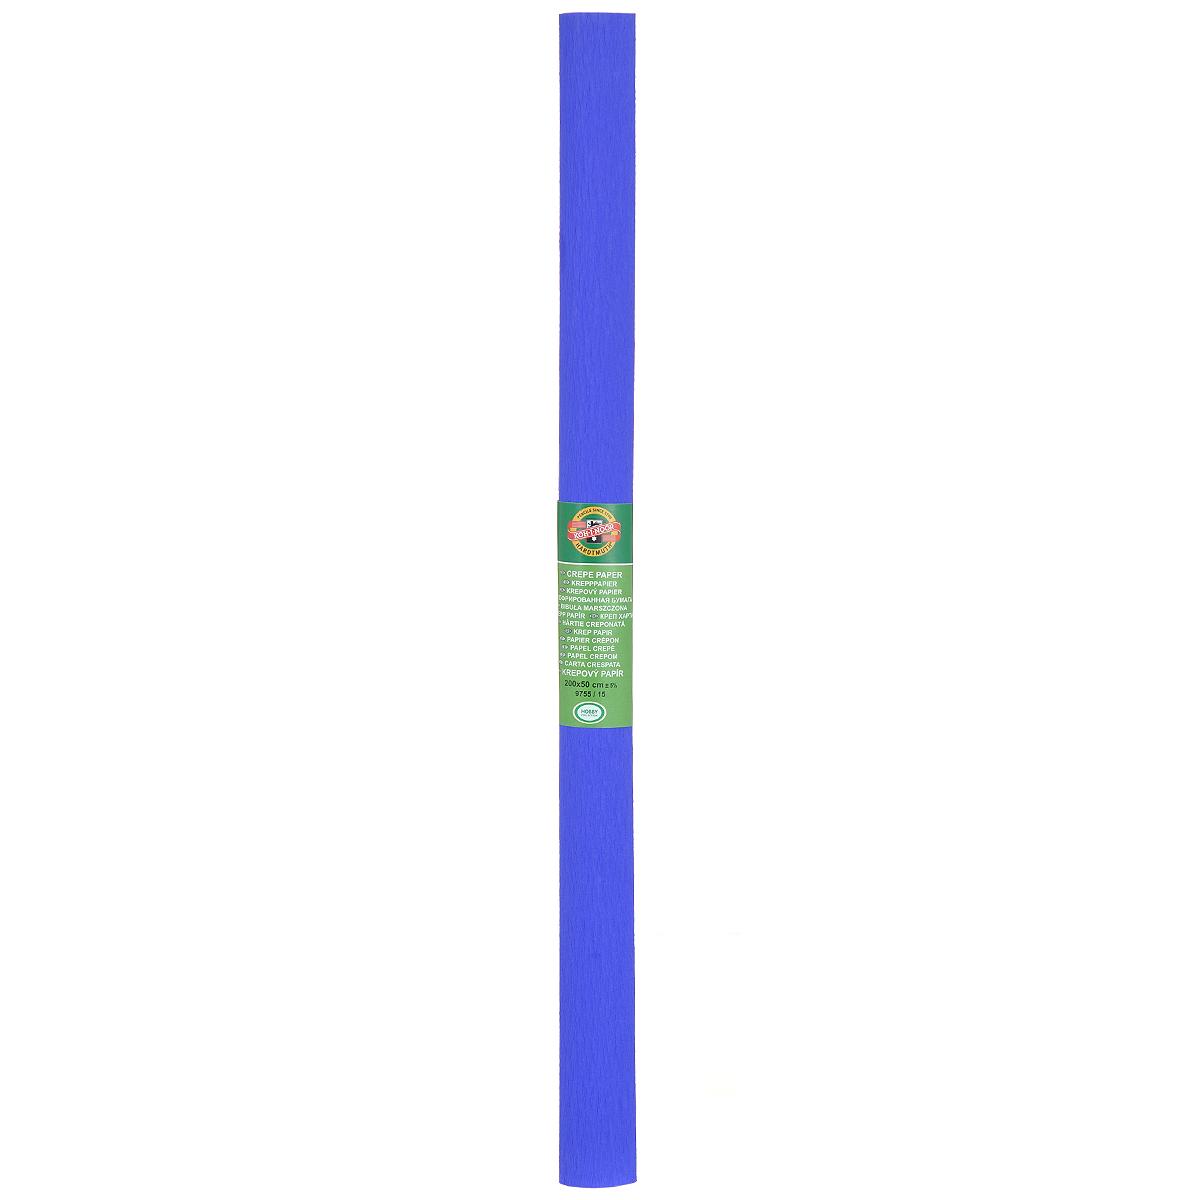 Бумага крепированная Koh-I-Noor, цвет: синий, 50 см x 2 м koh i noor карандаши цветные 12 цветов